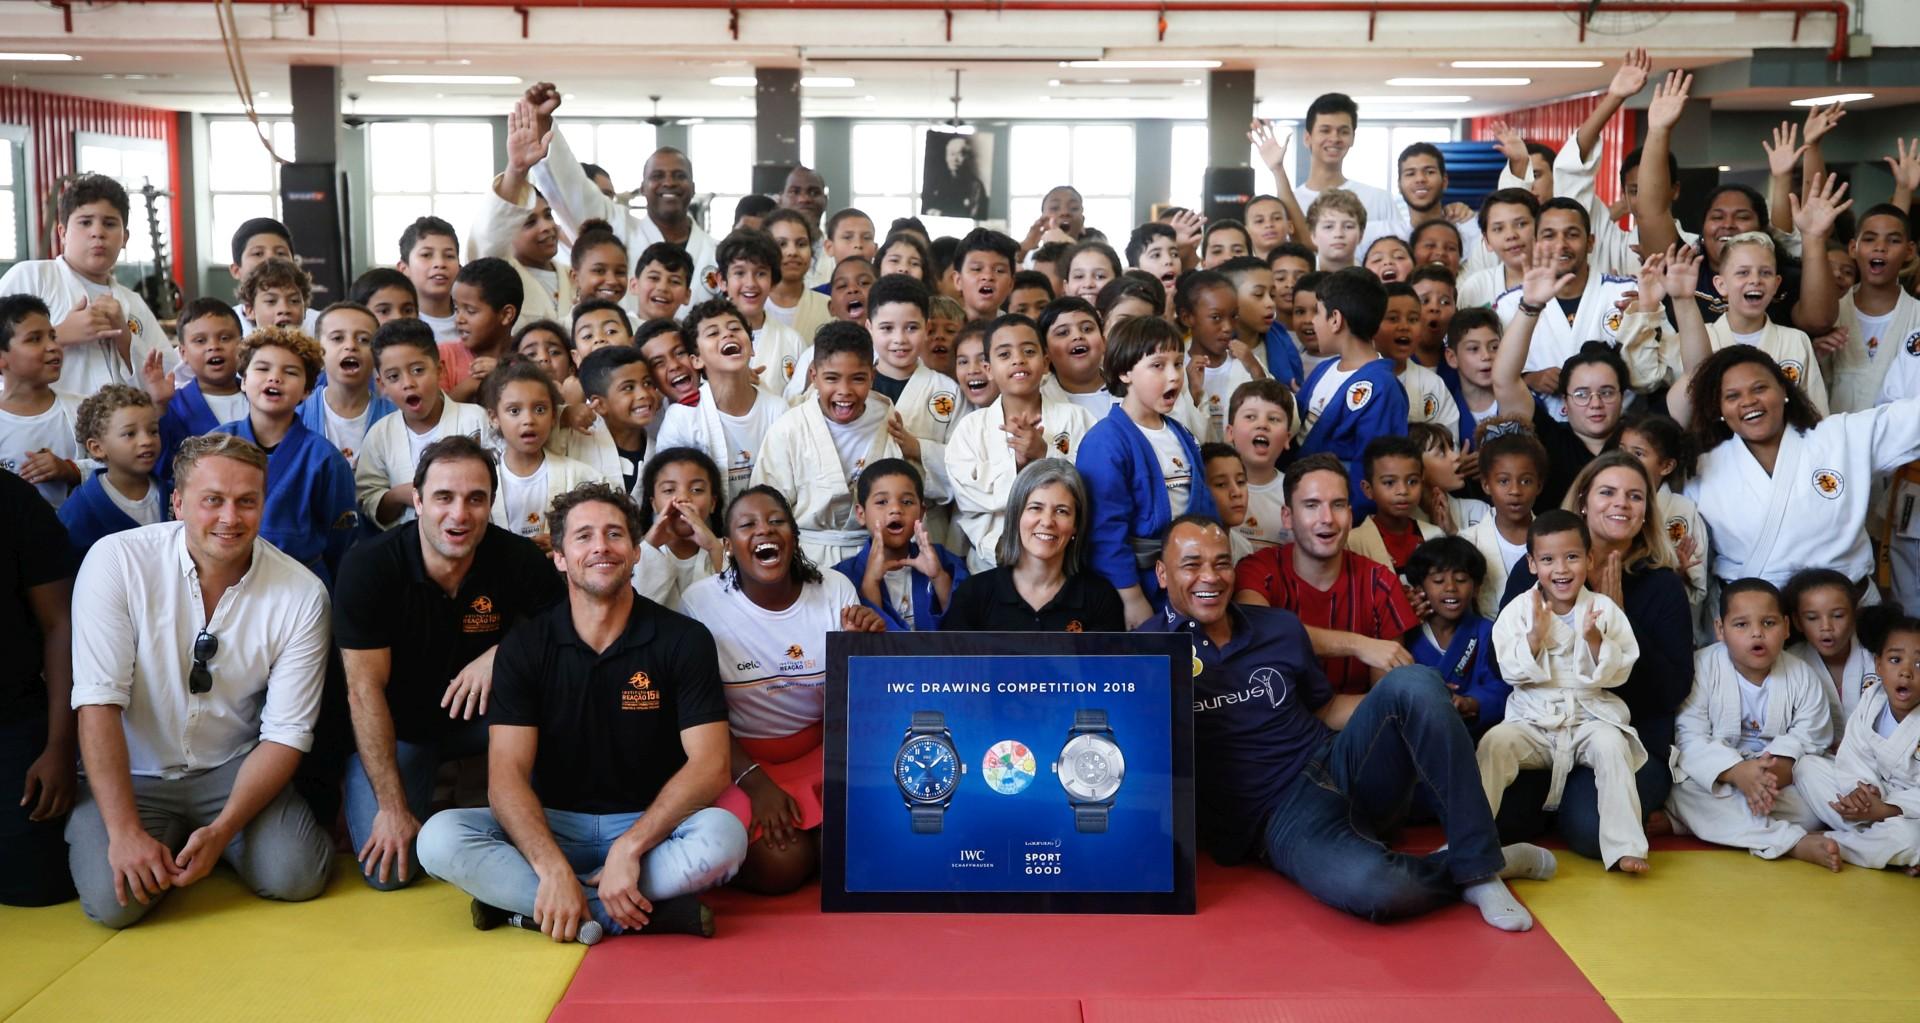 巴西足球傳奇人物卡富與IWC萬國錶「勞倫斯」兒童繪畫比賽冠軍會面